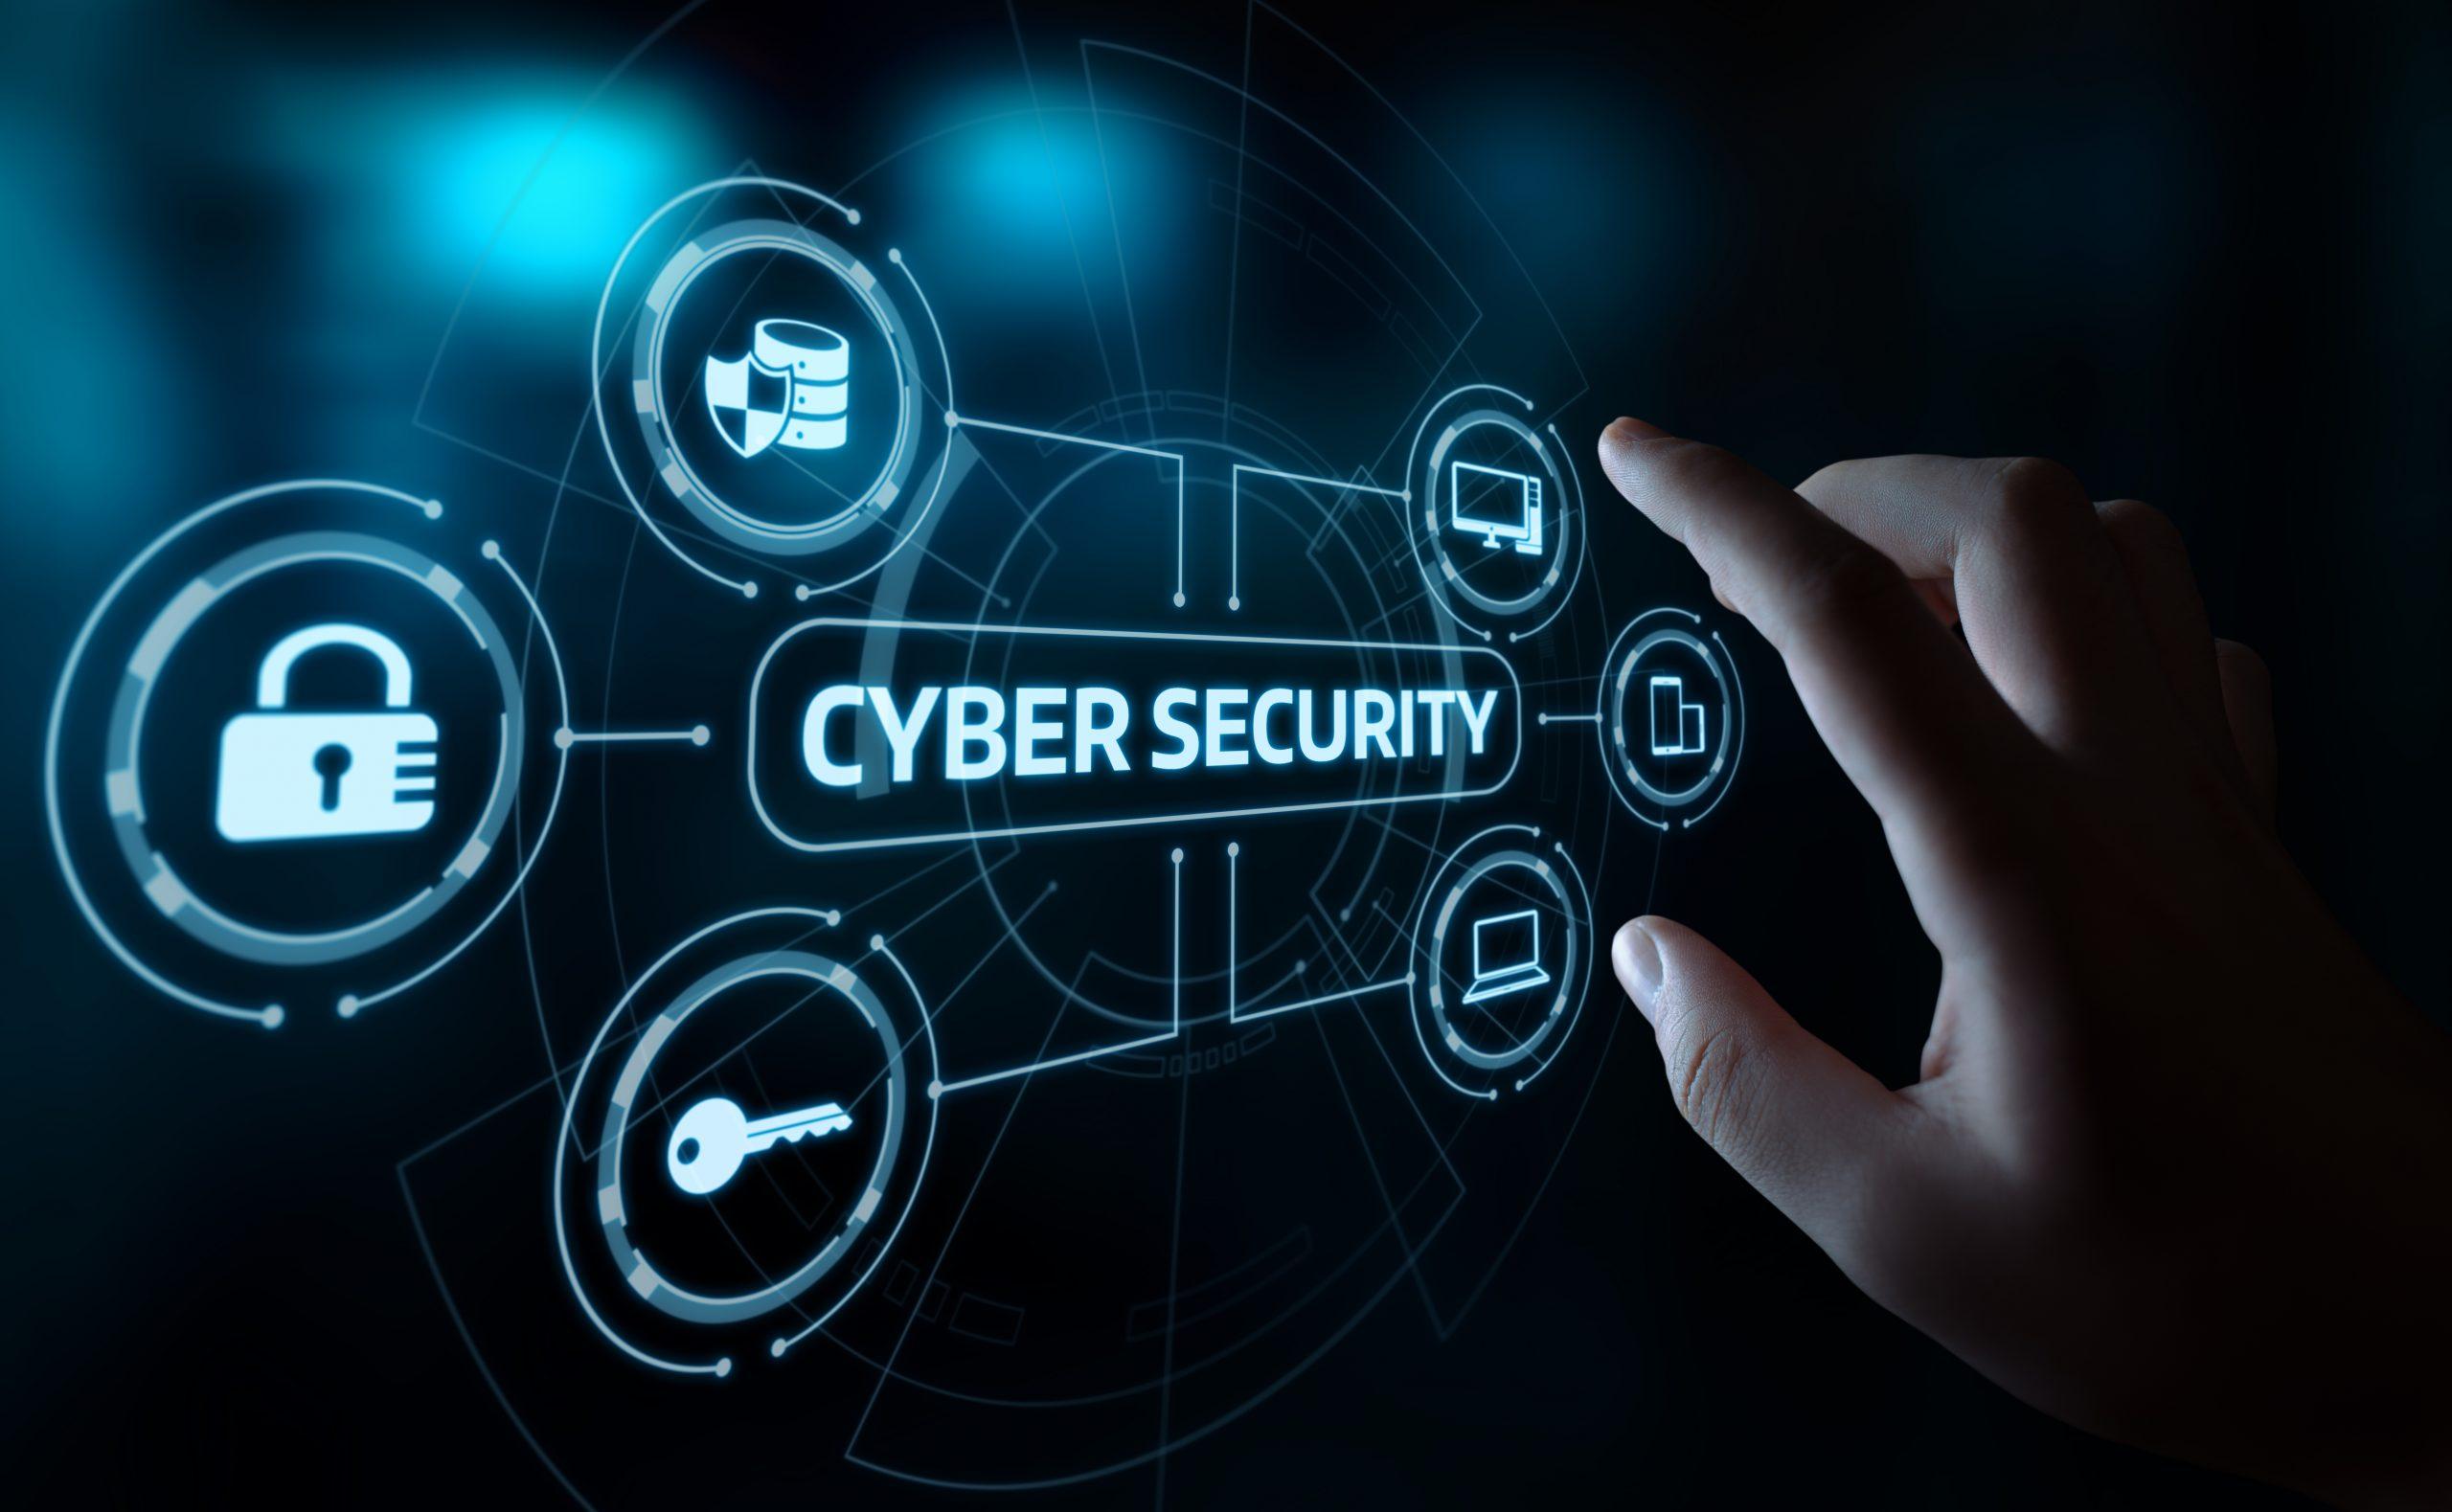 Bygger du for sikkerhetskultur?